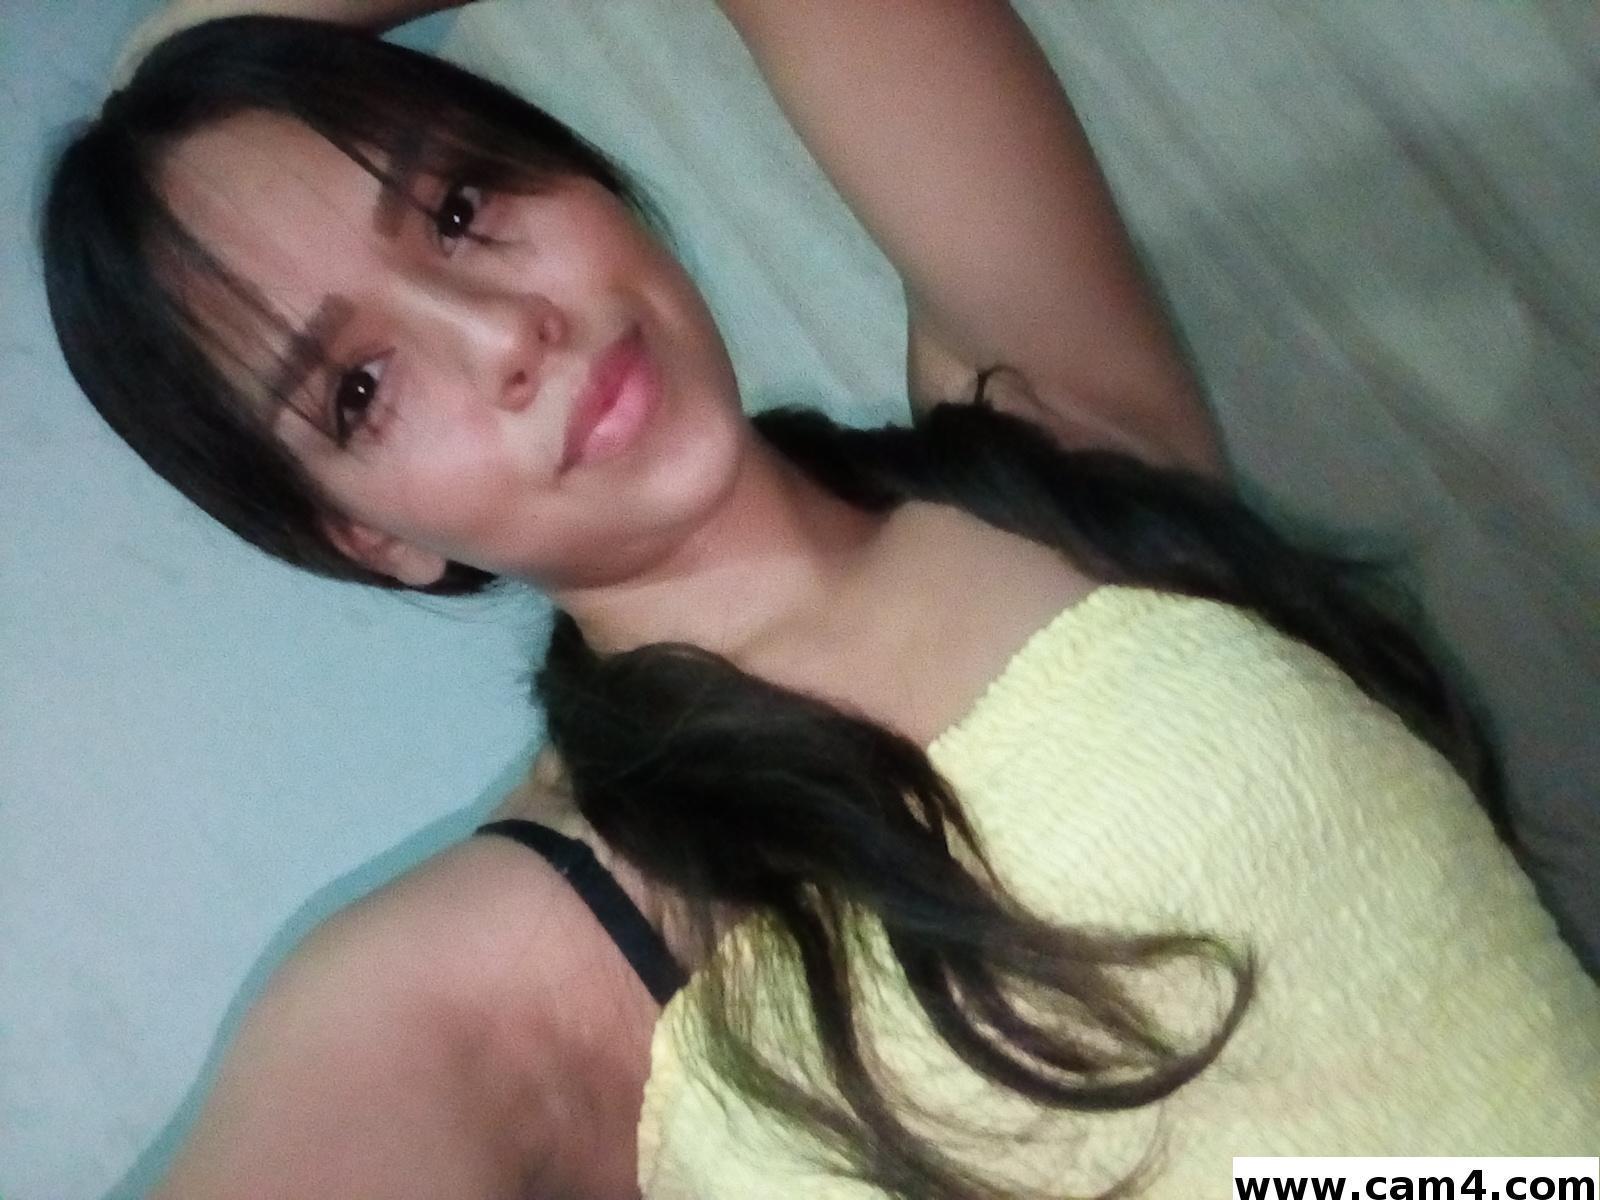 Crazymasha?s=gryw4nixofa1xq1smfgiddlo8hsxe3bklvvcjxmlo4w=